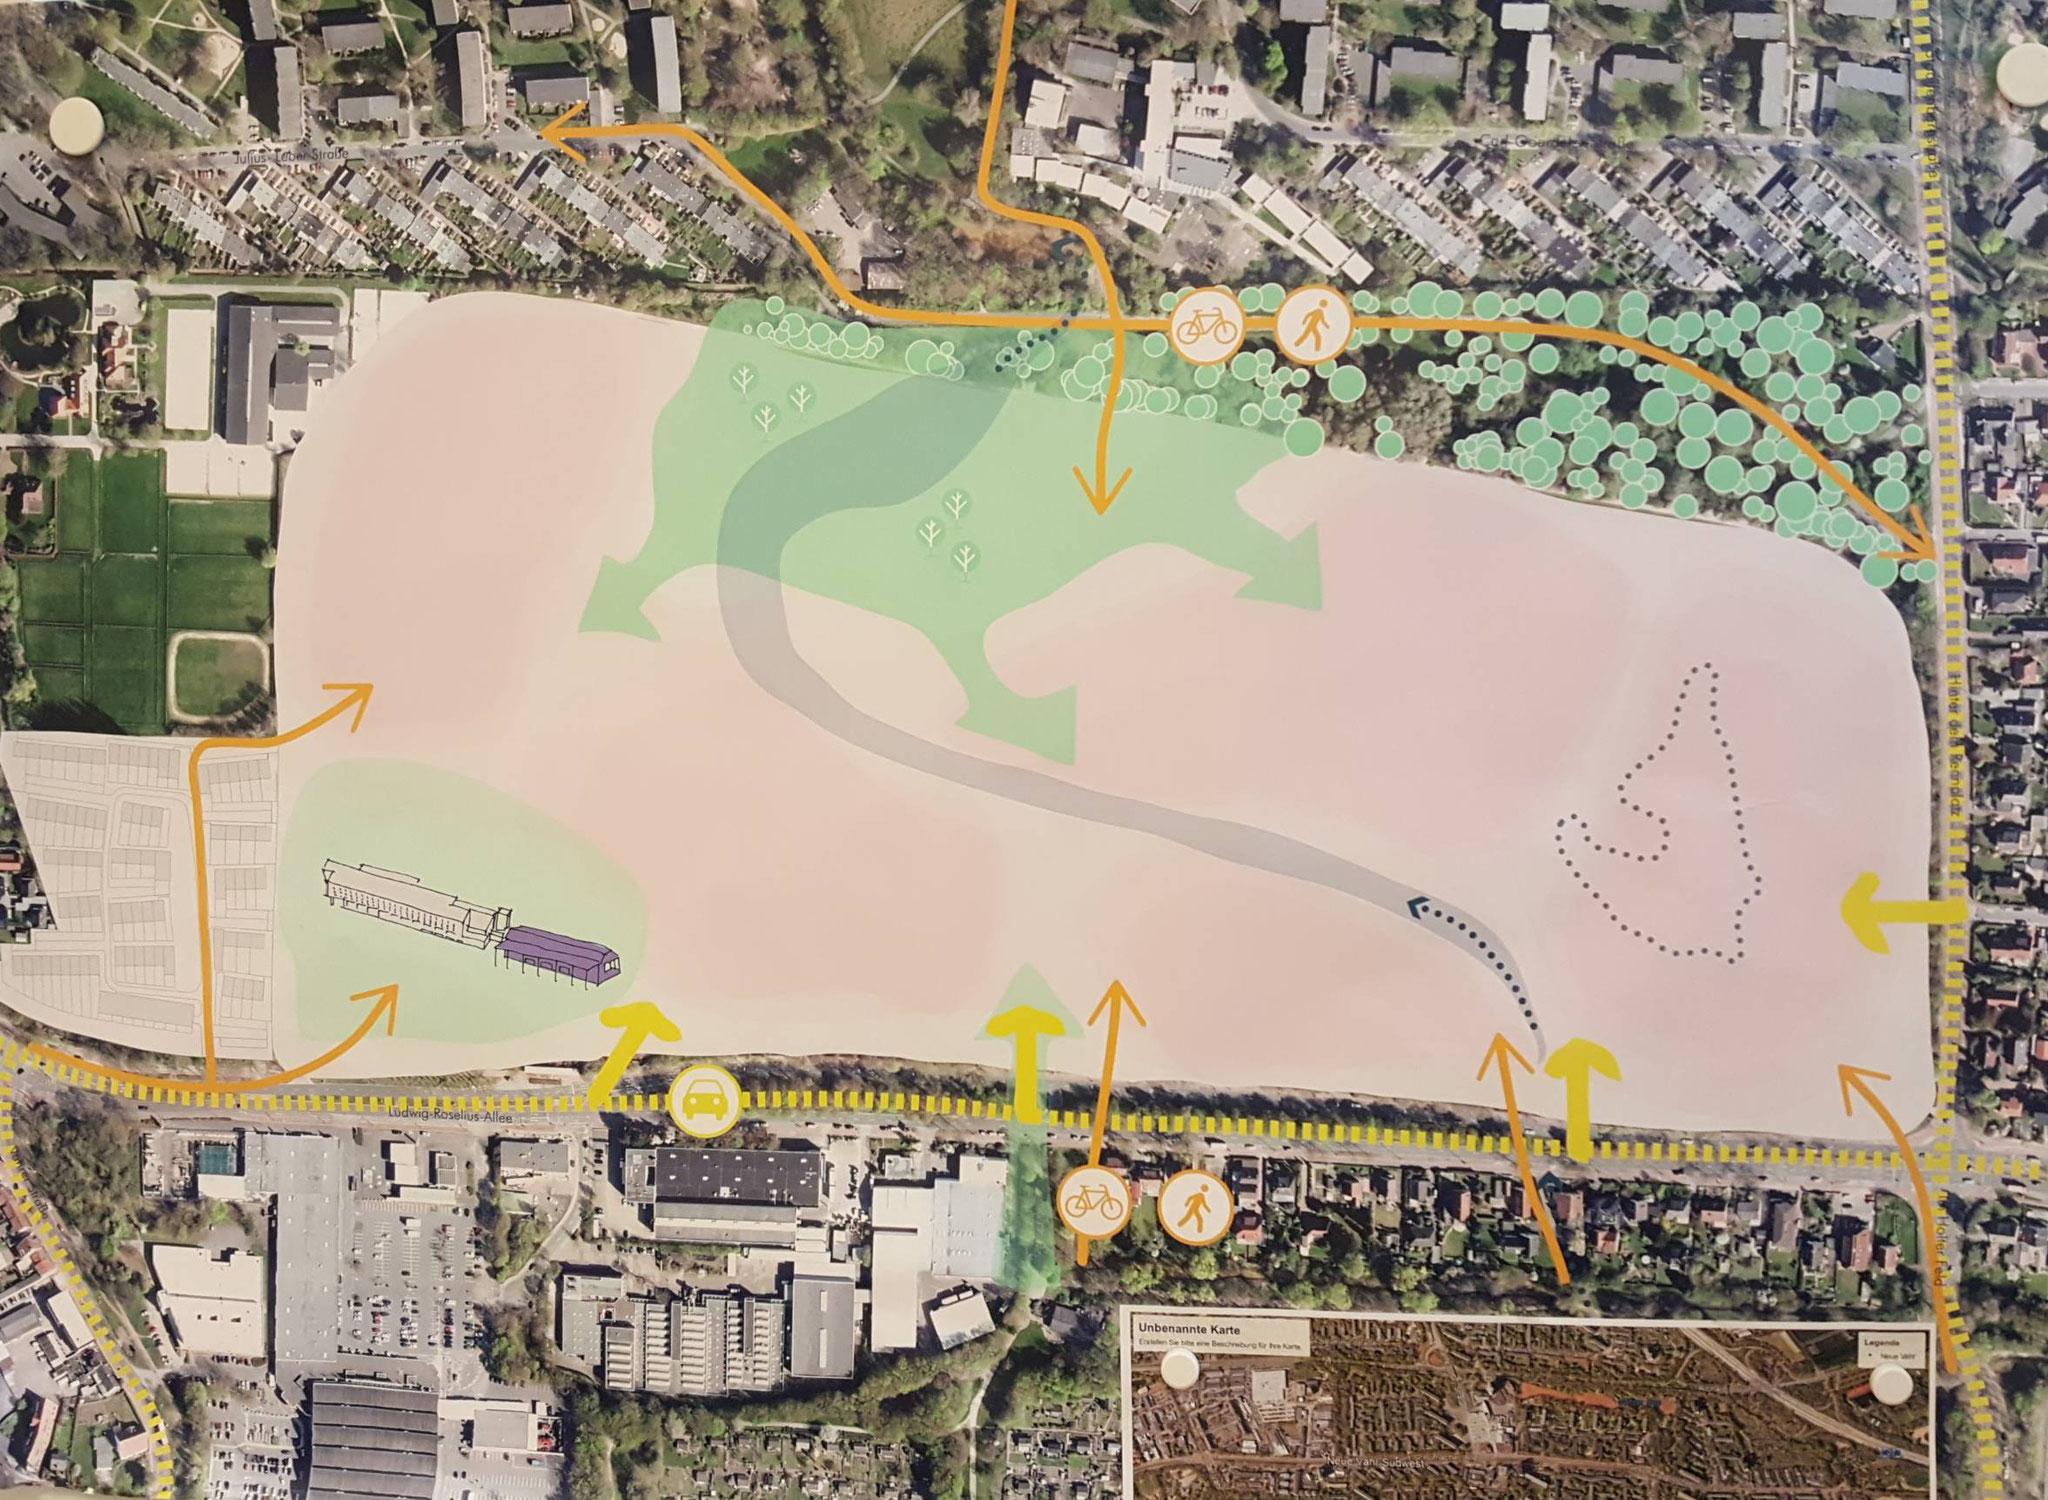 Viel Grün und für alle nutzbare Flächen sollen auf dem neuen Rennbahnquartier entstehen